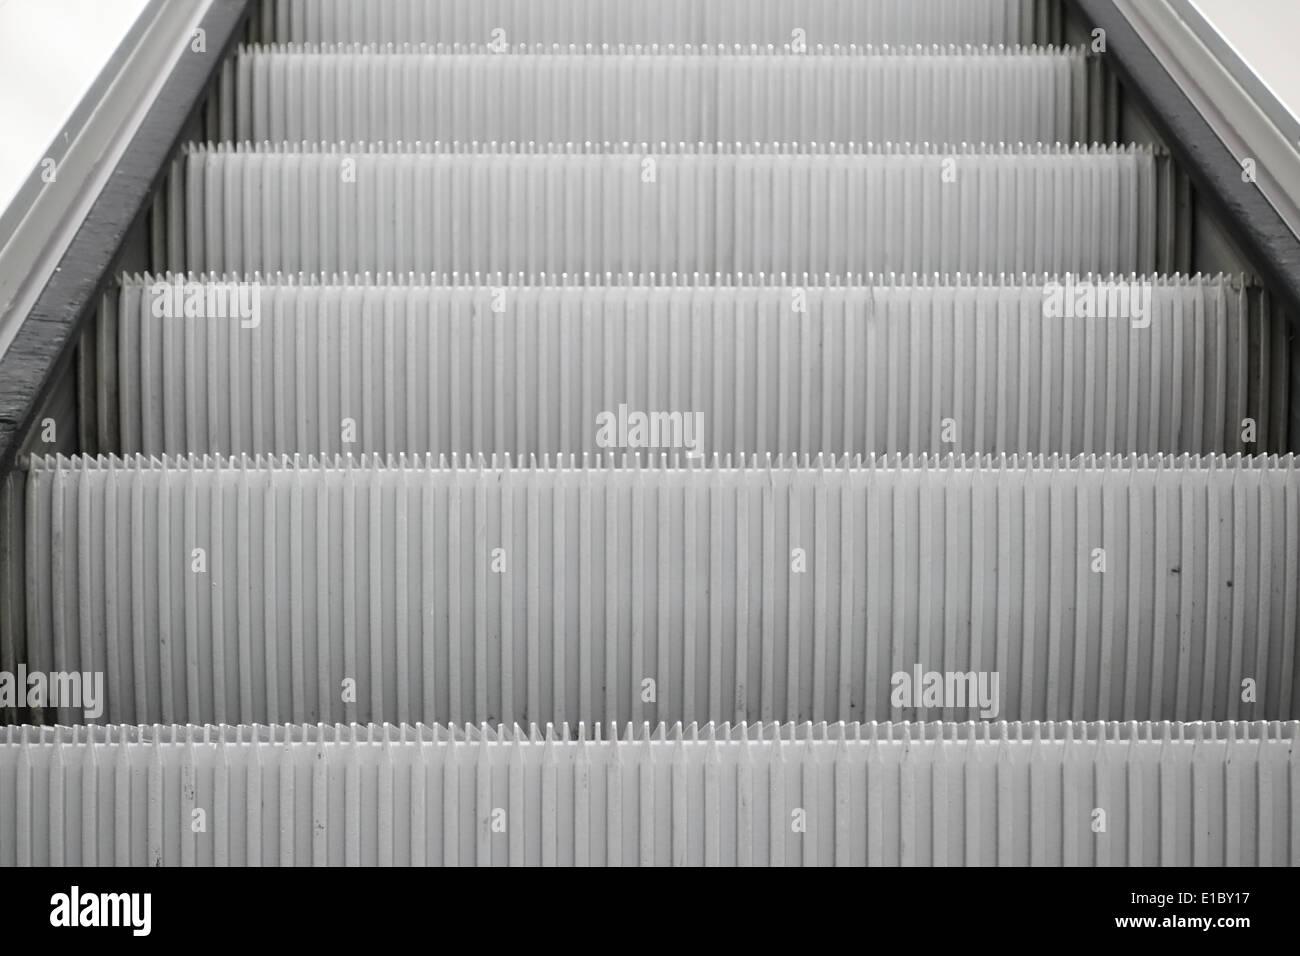 Rolltreppe im Flughafen München.. - Stock Image